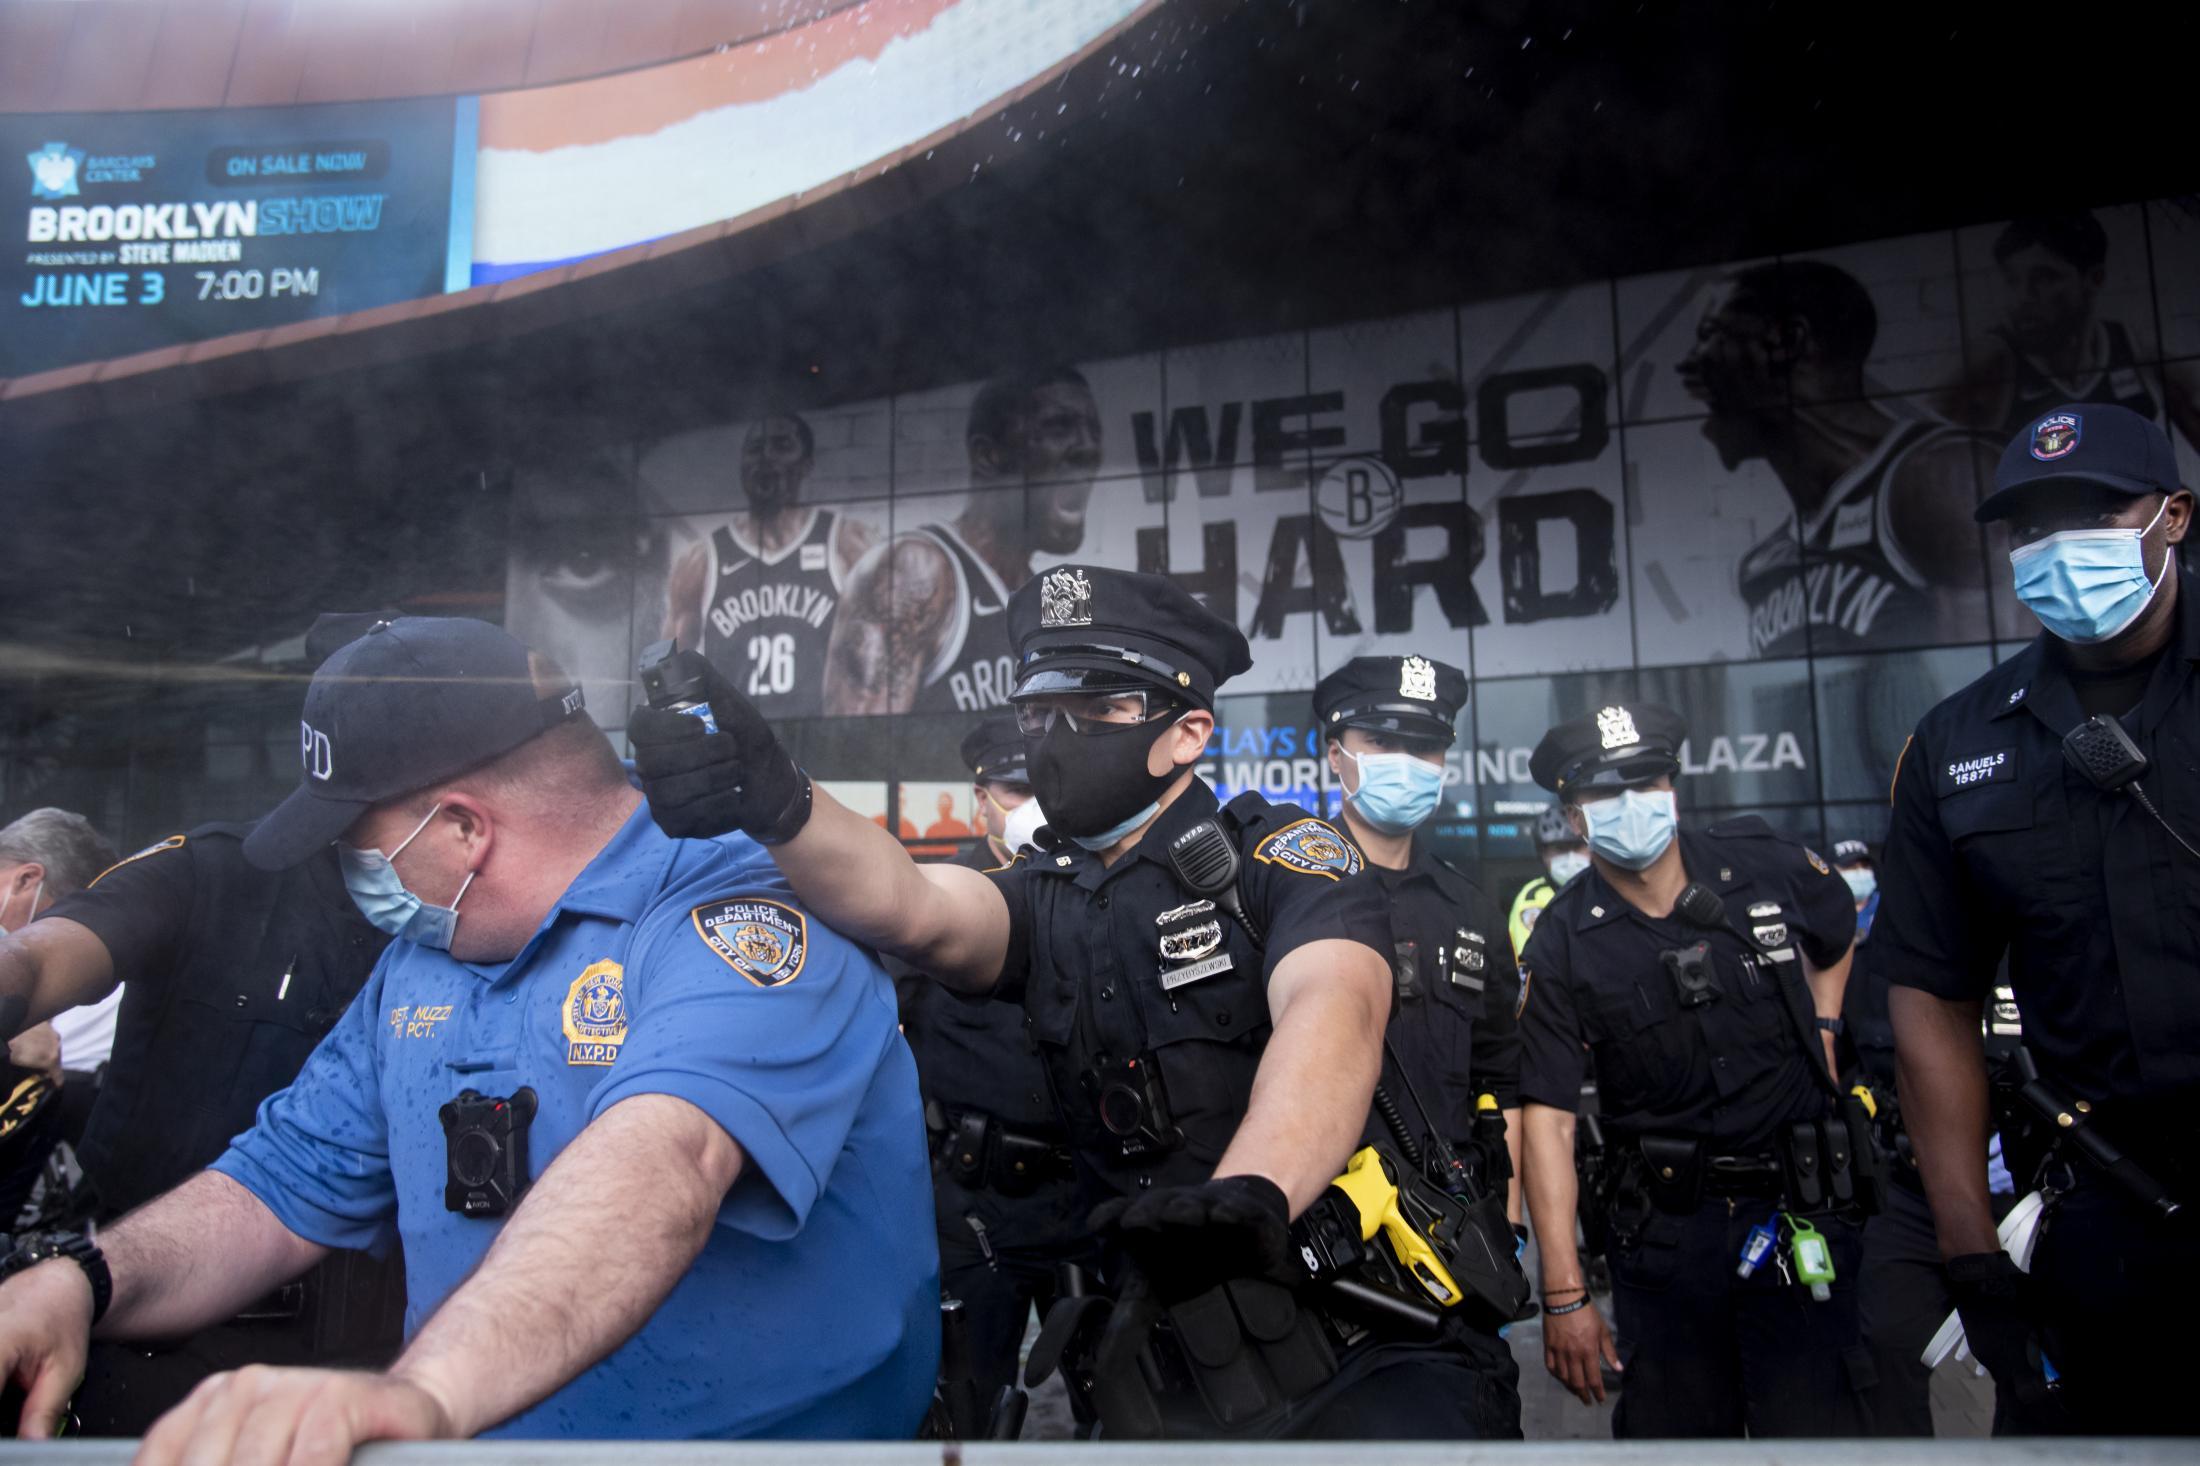 Un policía de NYPD rocía con spray de pimienta a protestantes reunidos en el Barclay's Center, Brooklyn, exigiendo la reducción del presupuesto policial, en incremento de políticas públicas en servicios sociales.